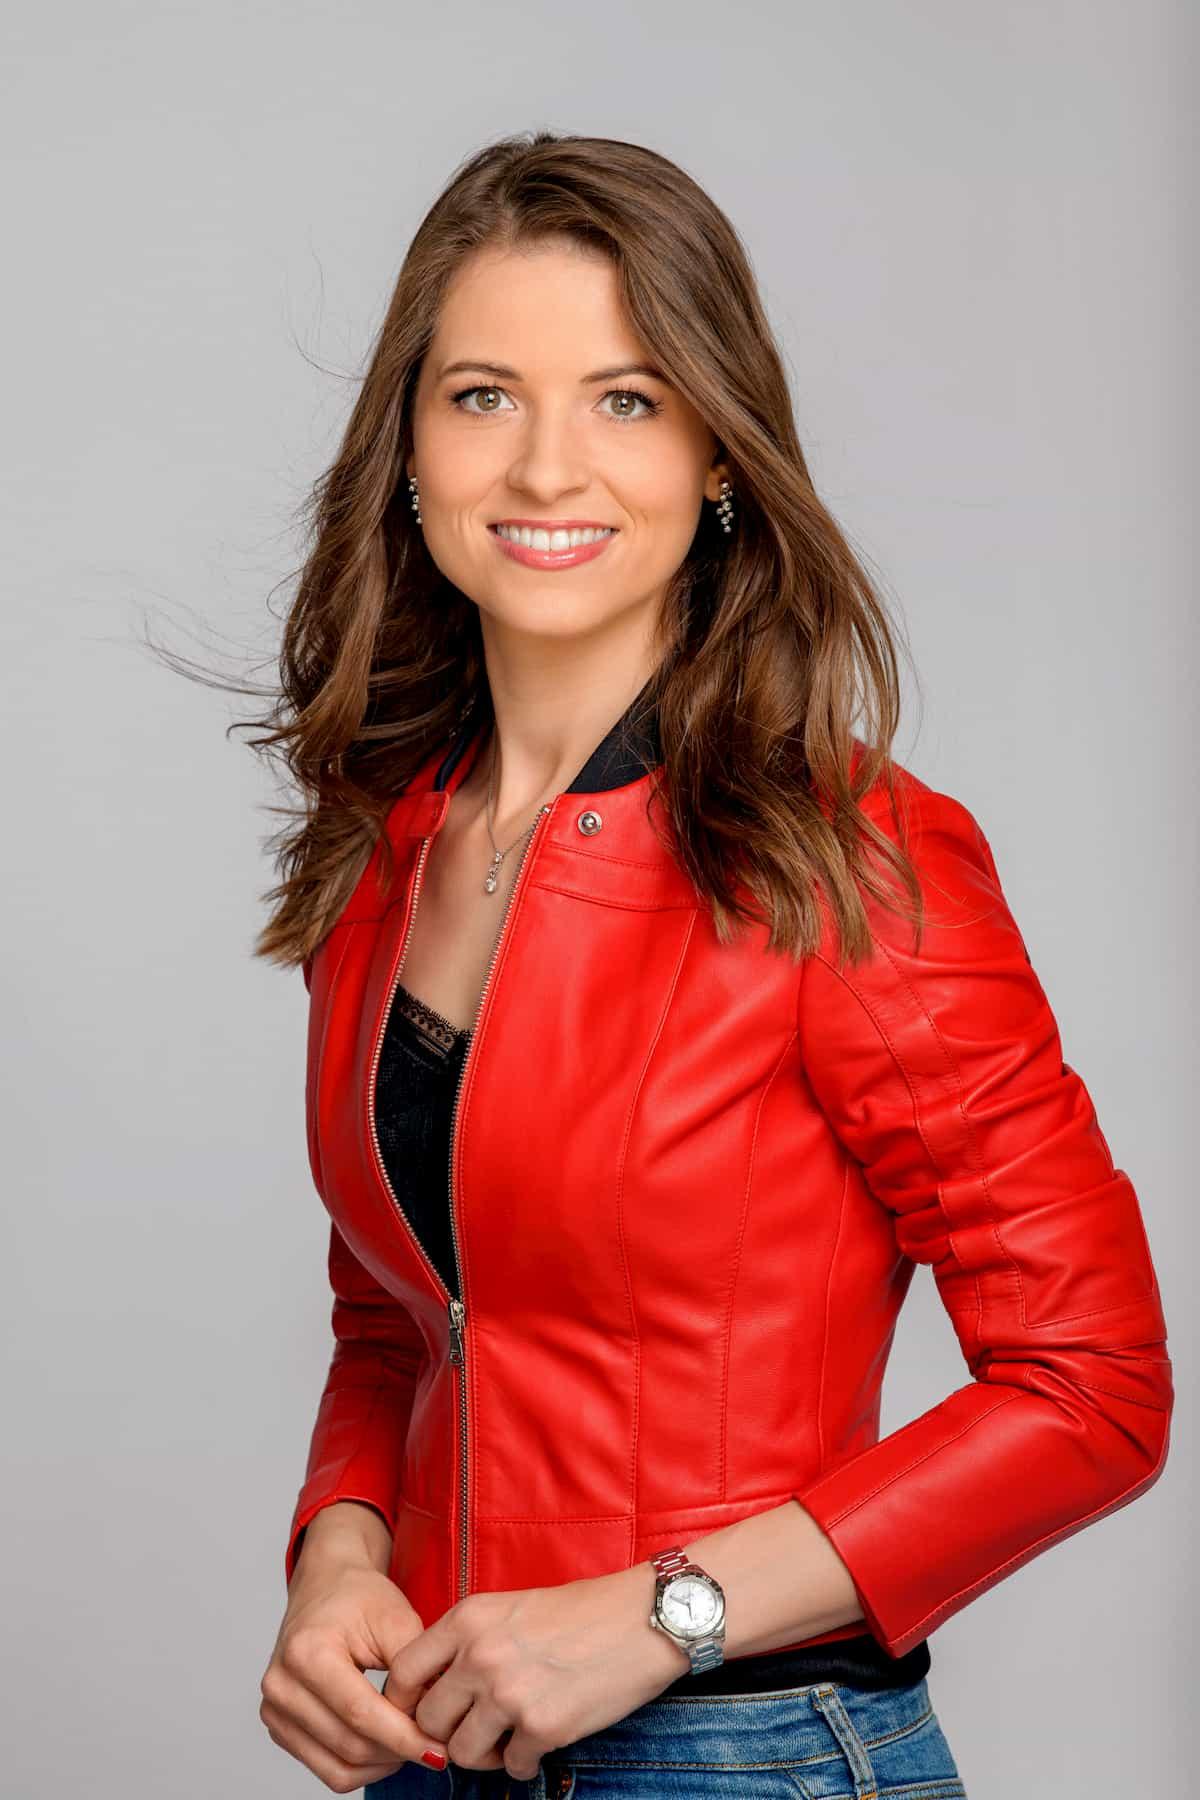 Kristina Inhof moderiert die Dancing Stars 2020 im Herbst